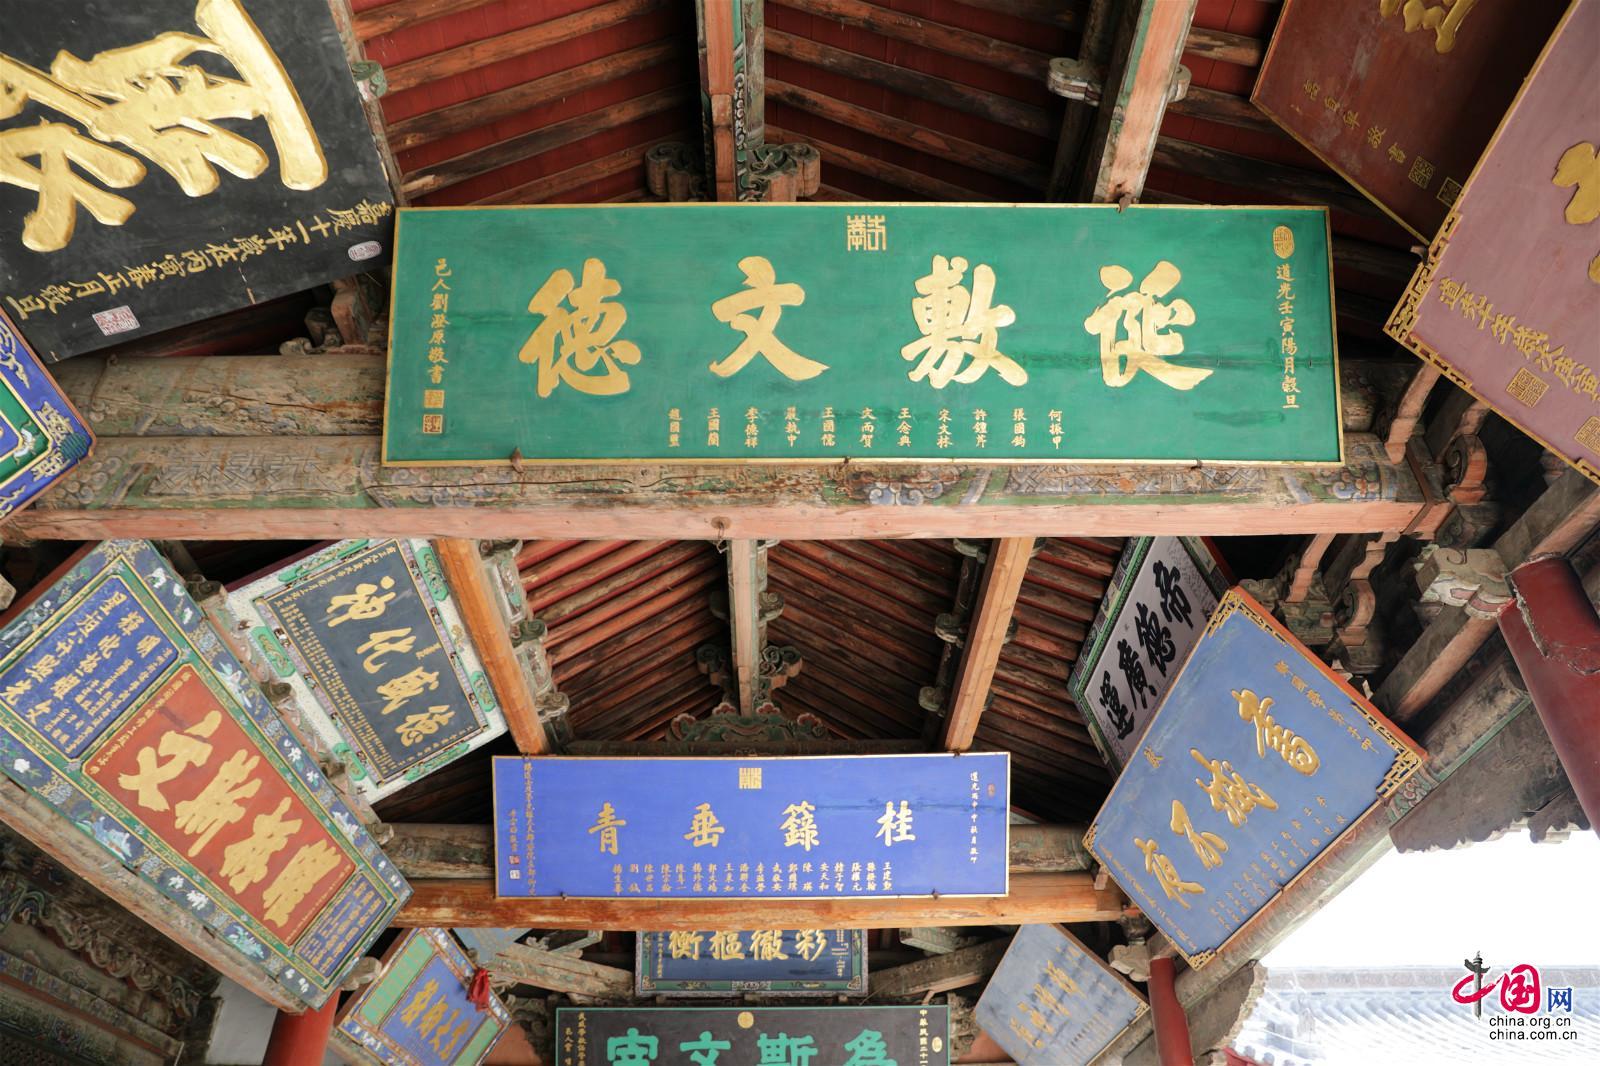 武威文庙,悬挂着各个时期文人雅士题写的匾额。中国网记者胡俊 摄